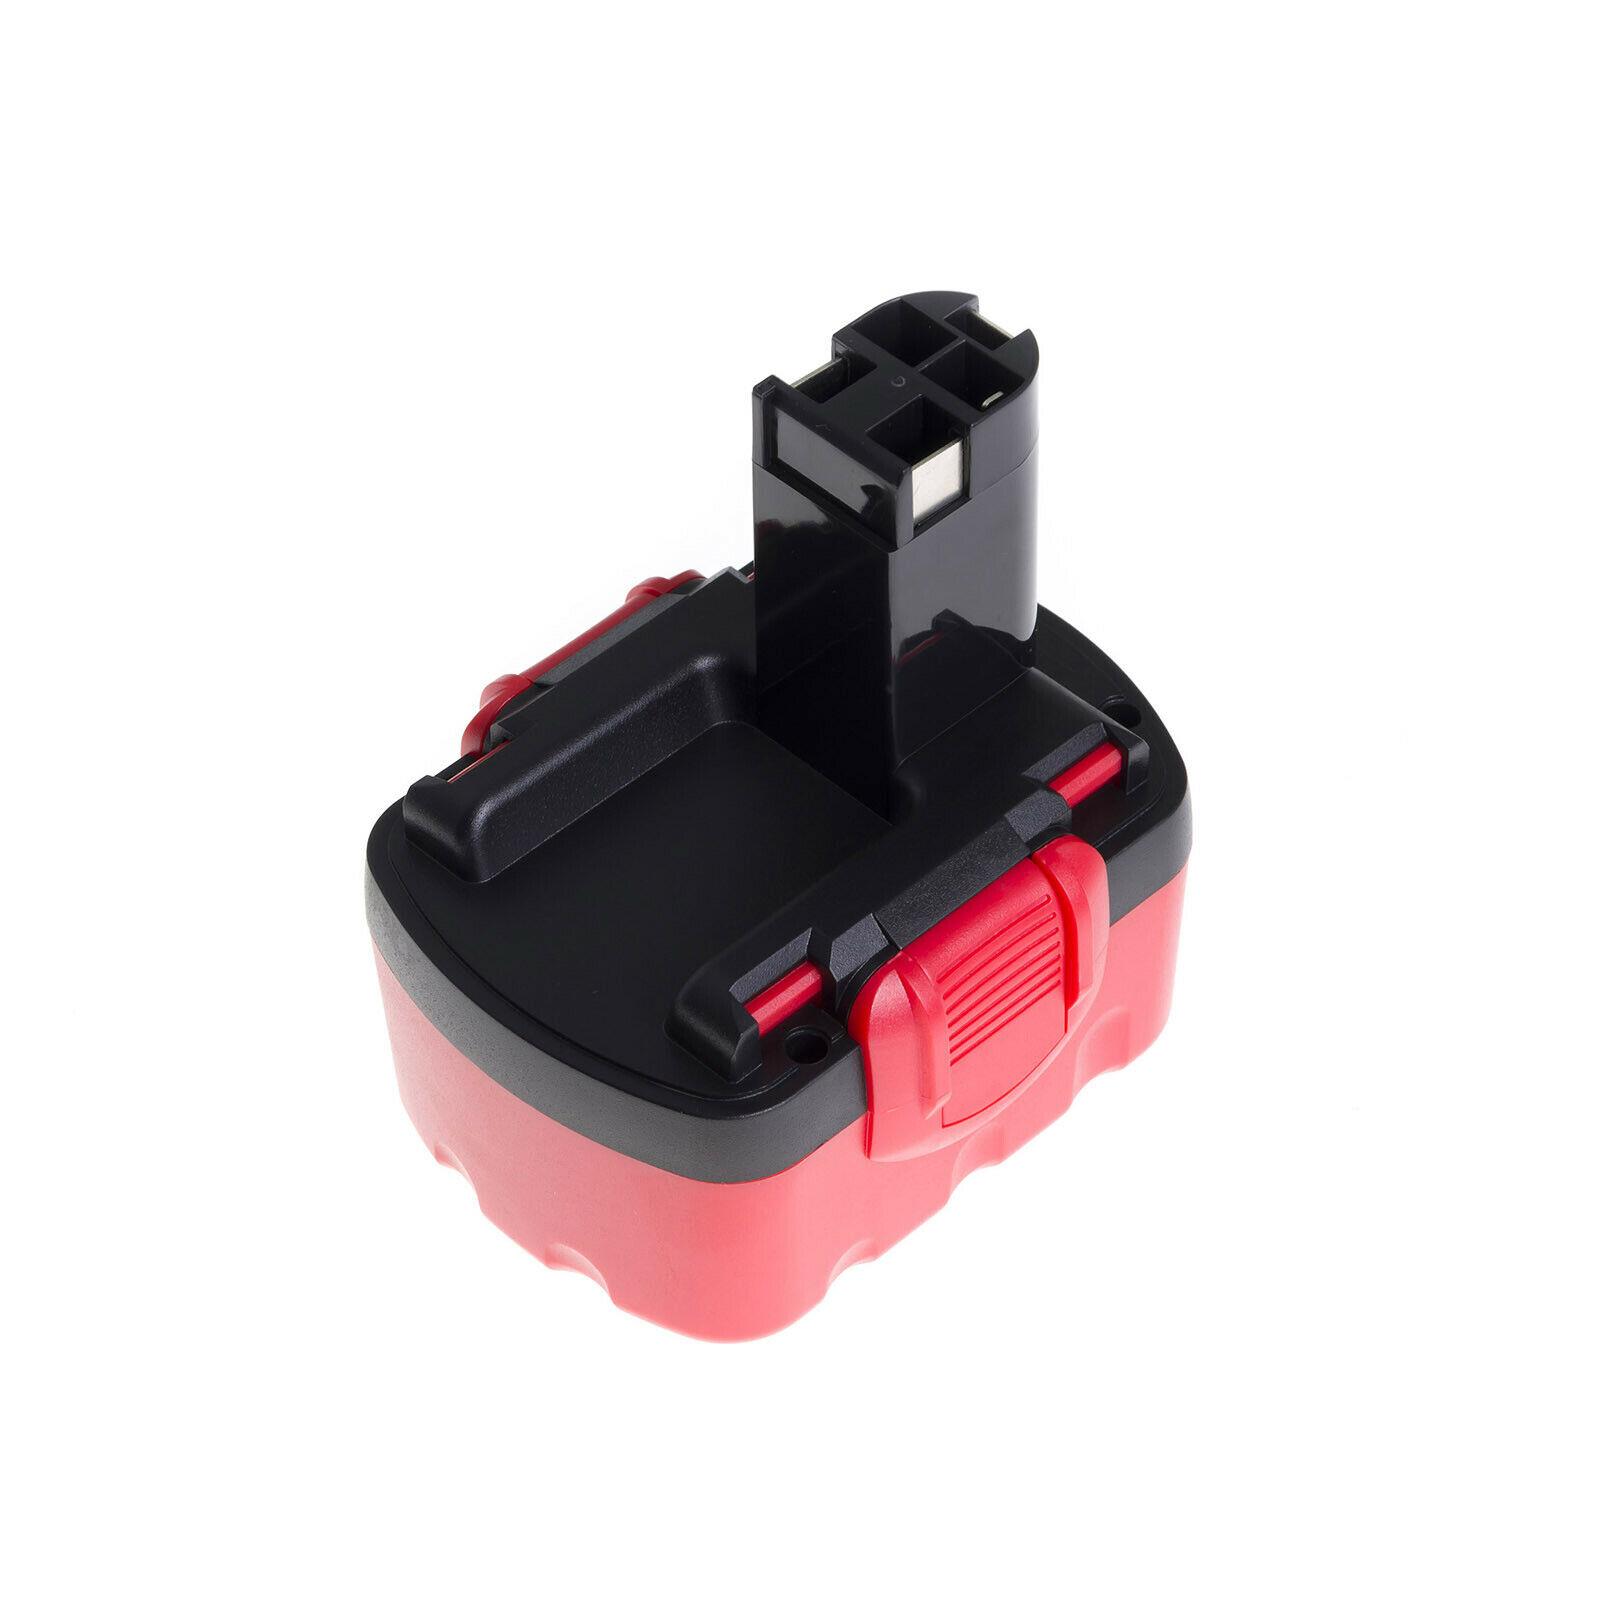 Akku für 14.4V 3.0Ah Bosch PSR 14.4-2 2 607 335 711 2607335711 Cordless Drill(Ersatz)